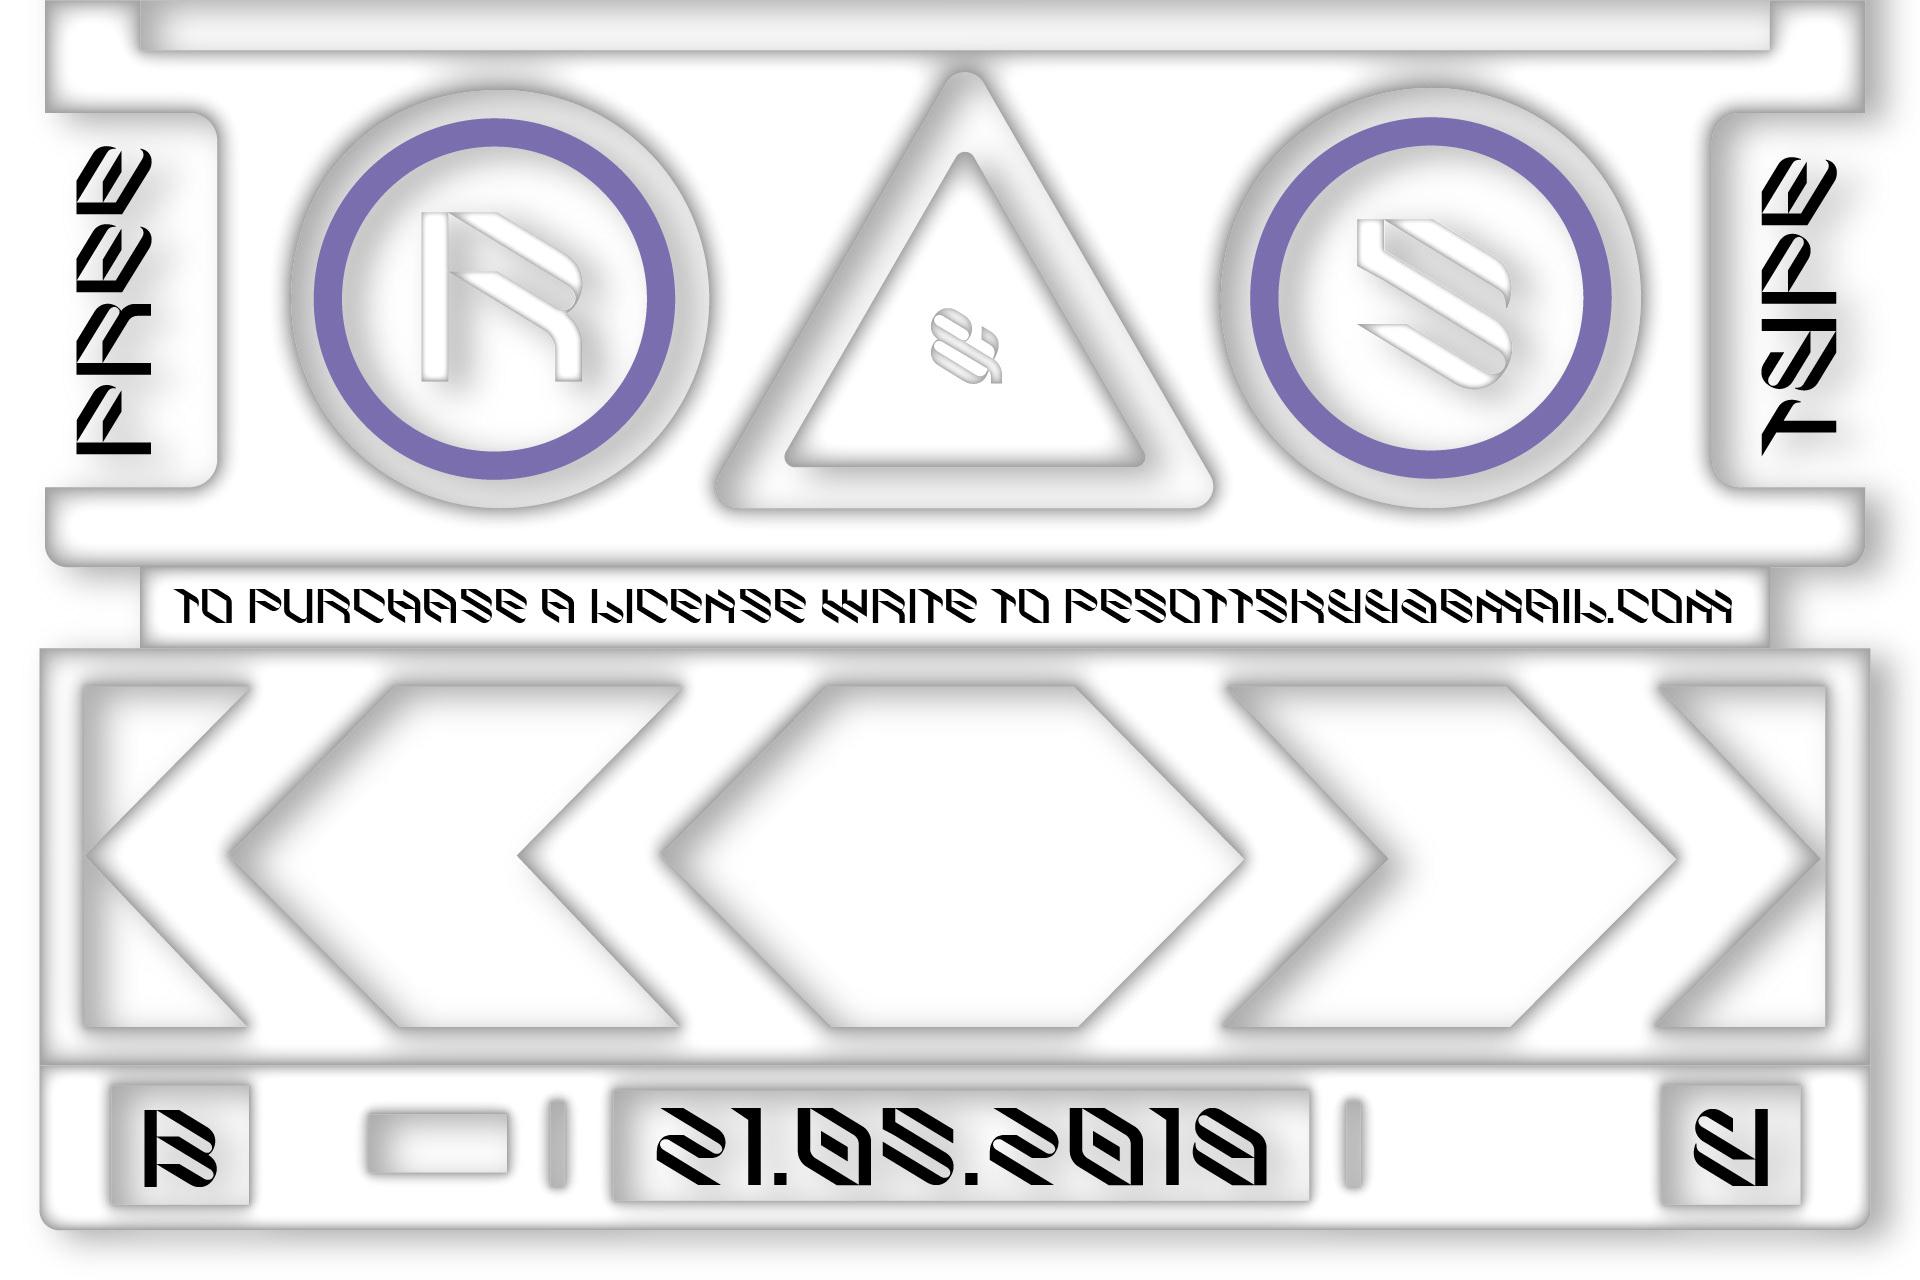 倾斜对角线英文字体下载 Eskos Typeface插图(22)